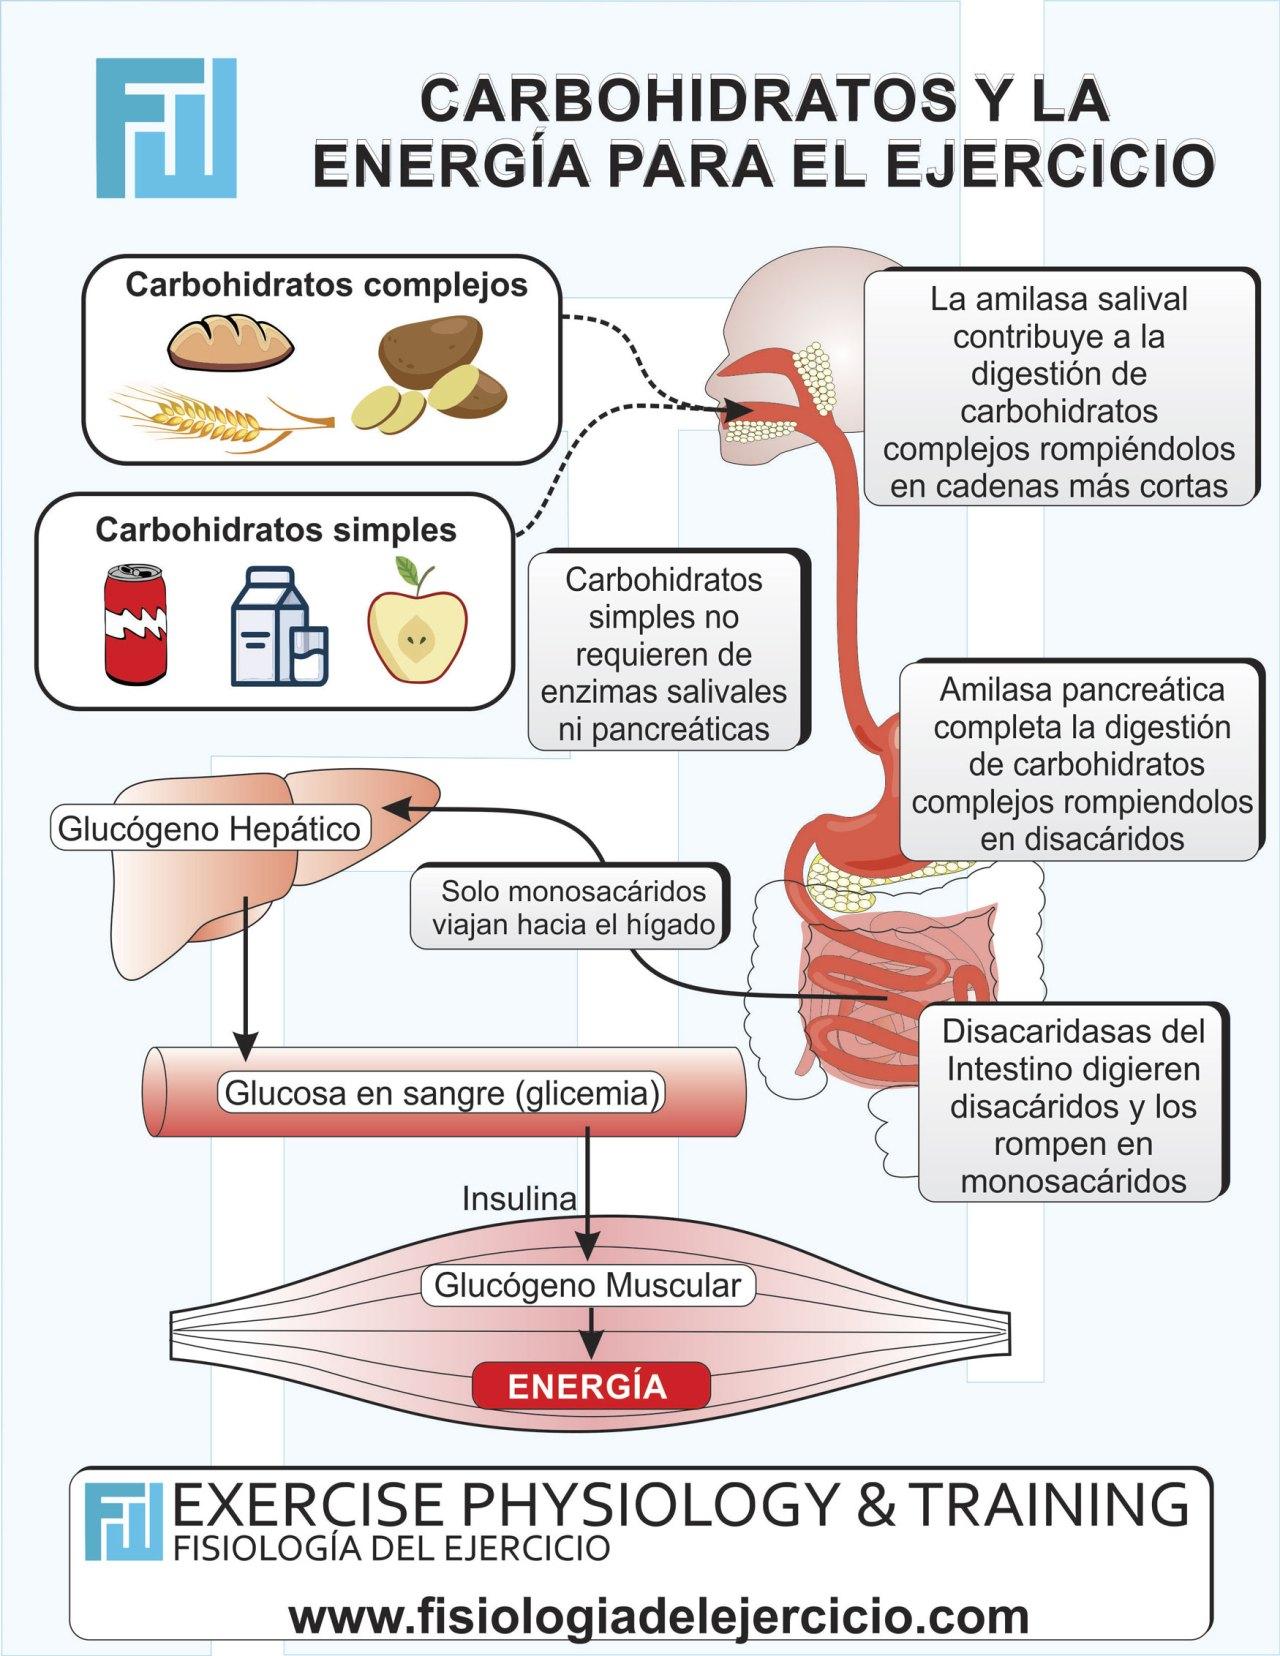 Carbohidratos y la Energía para el Ejercicio